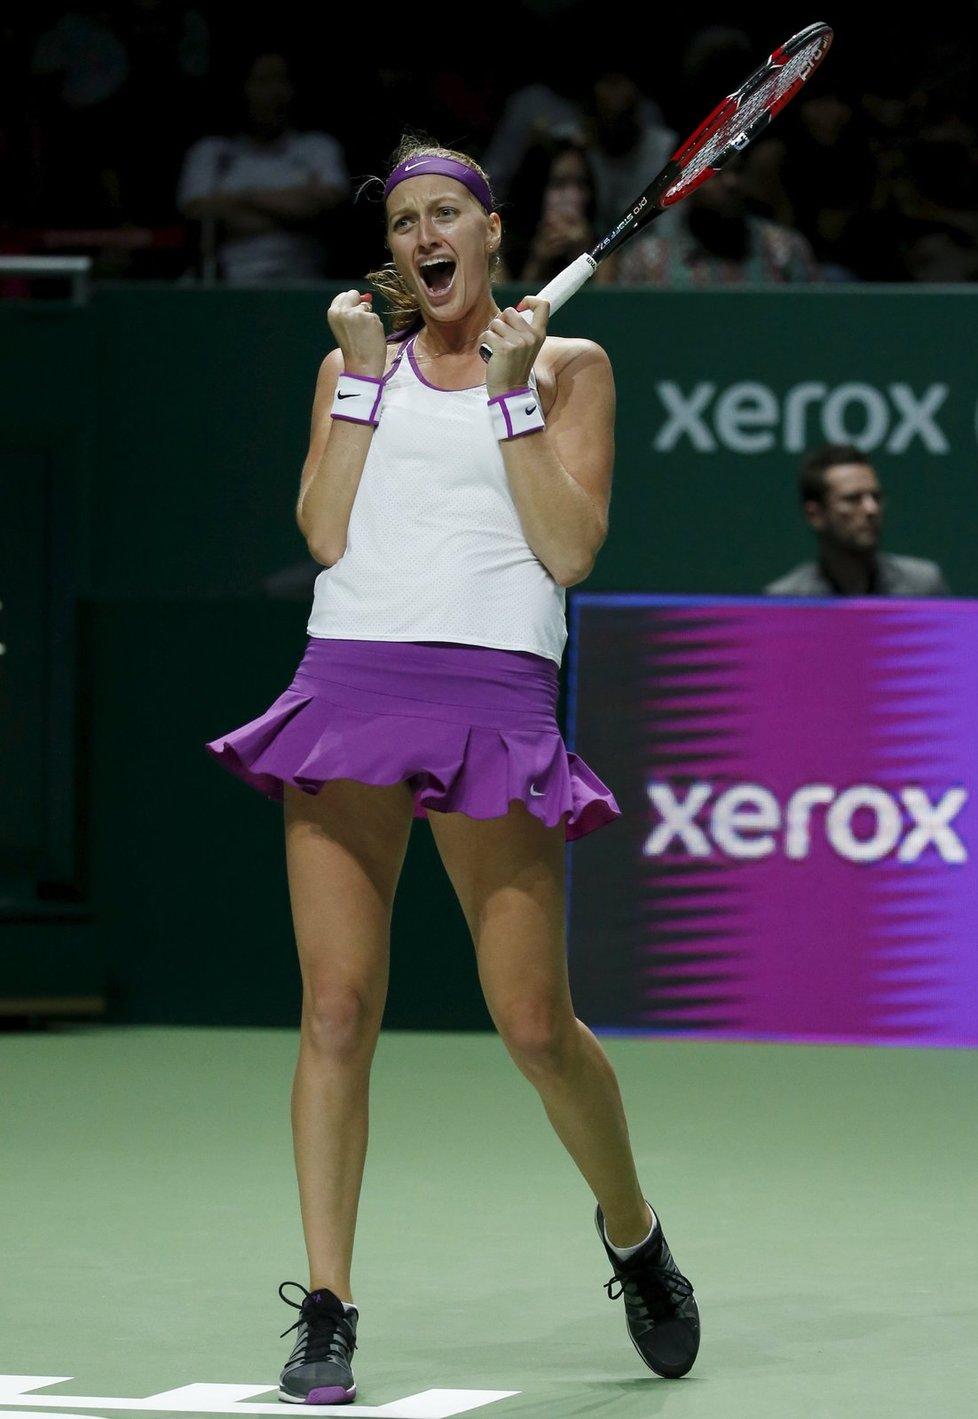 Tenistka Petra Kvitová si podruhé v kariéře zahraje finále Turnaje mistryň. Po velkém obratu ve druhé sadě porazila Rusku Marii Šarapovovou 6:3, 7:6.